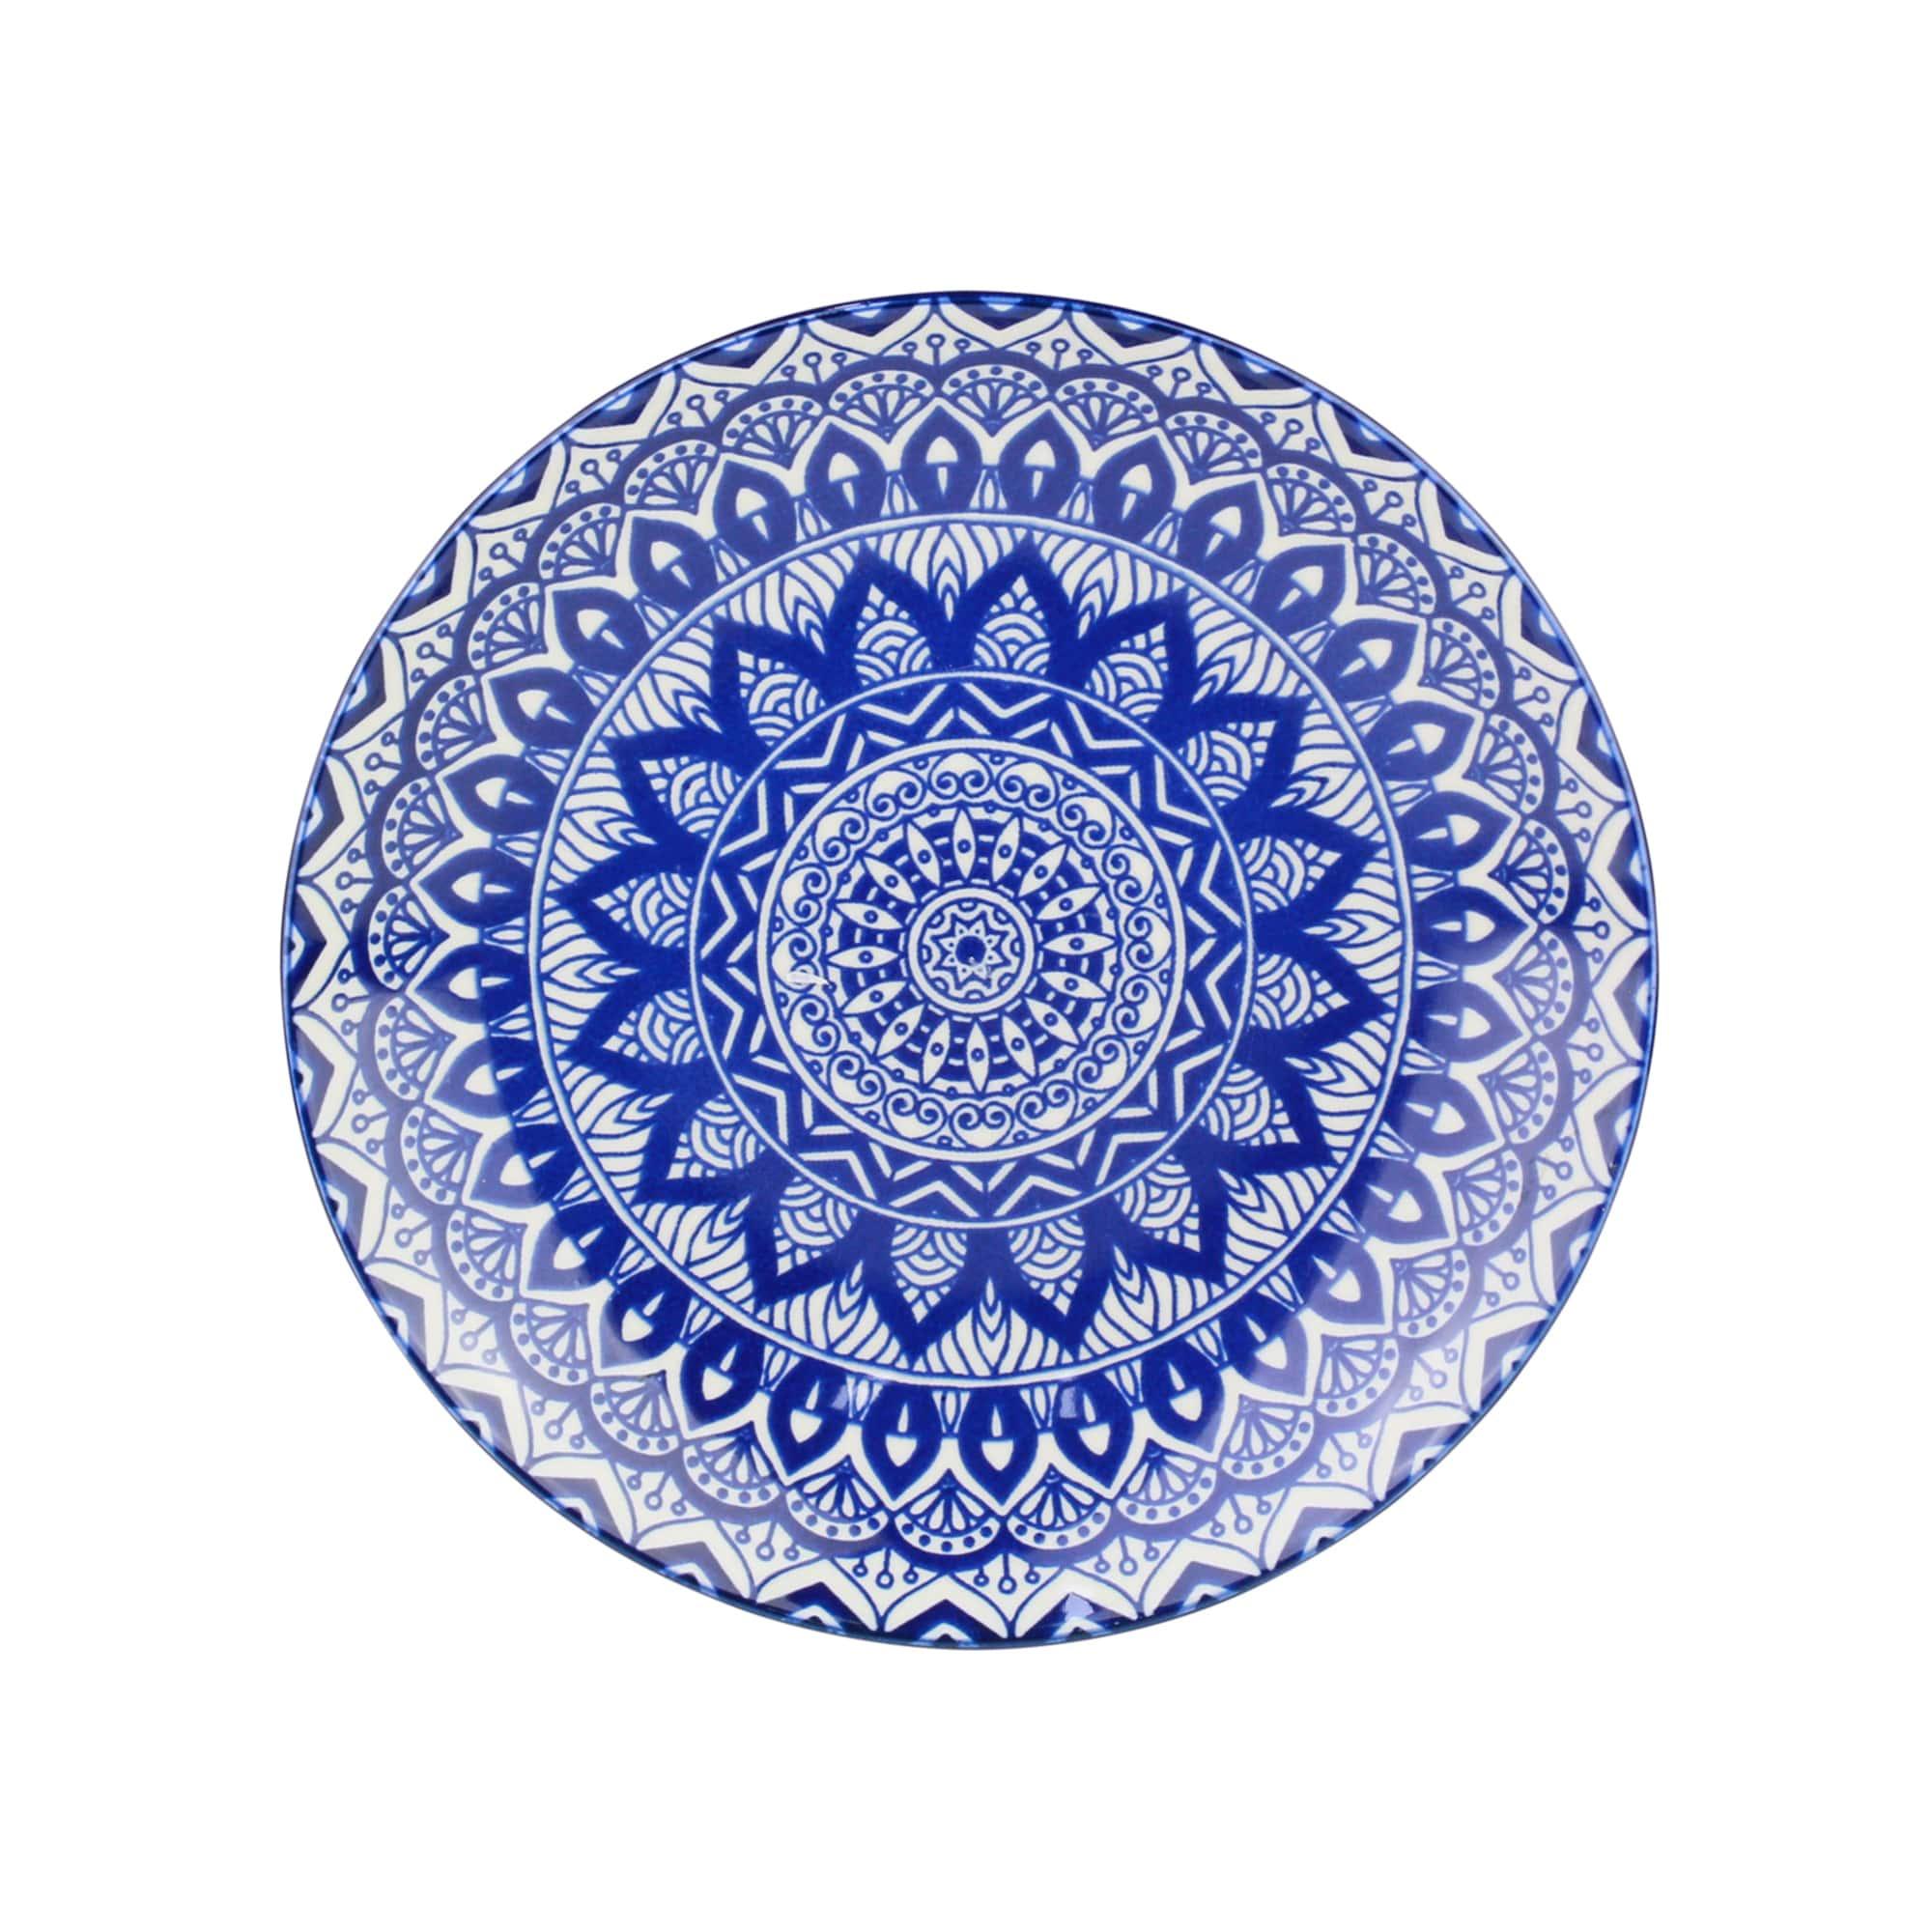 Jogo com 4 Pratos Sobremesa em Cerâmica Mandala Azul e Branco 19 cm